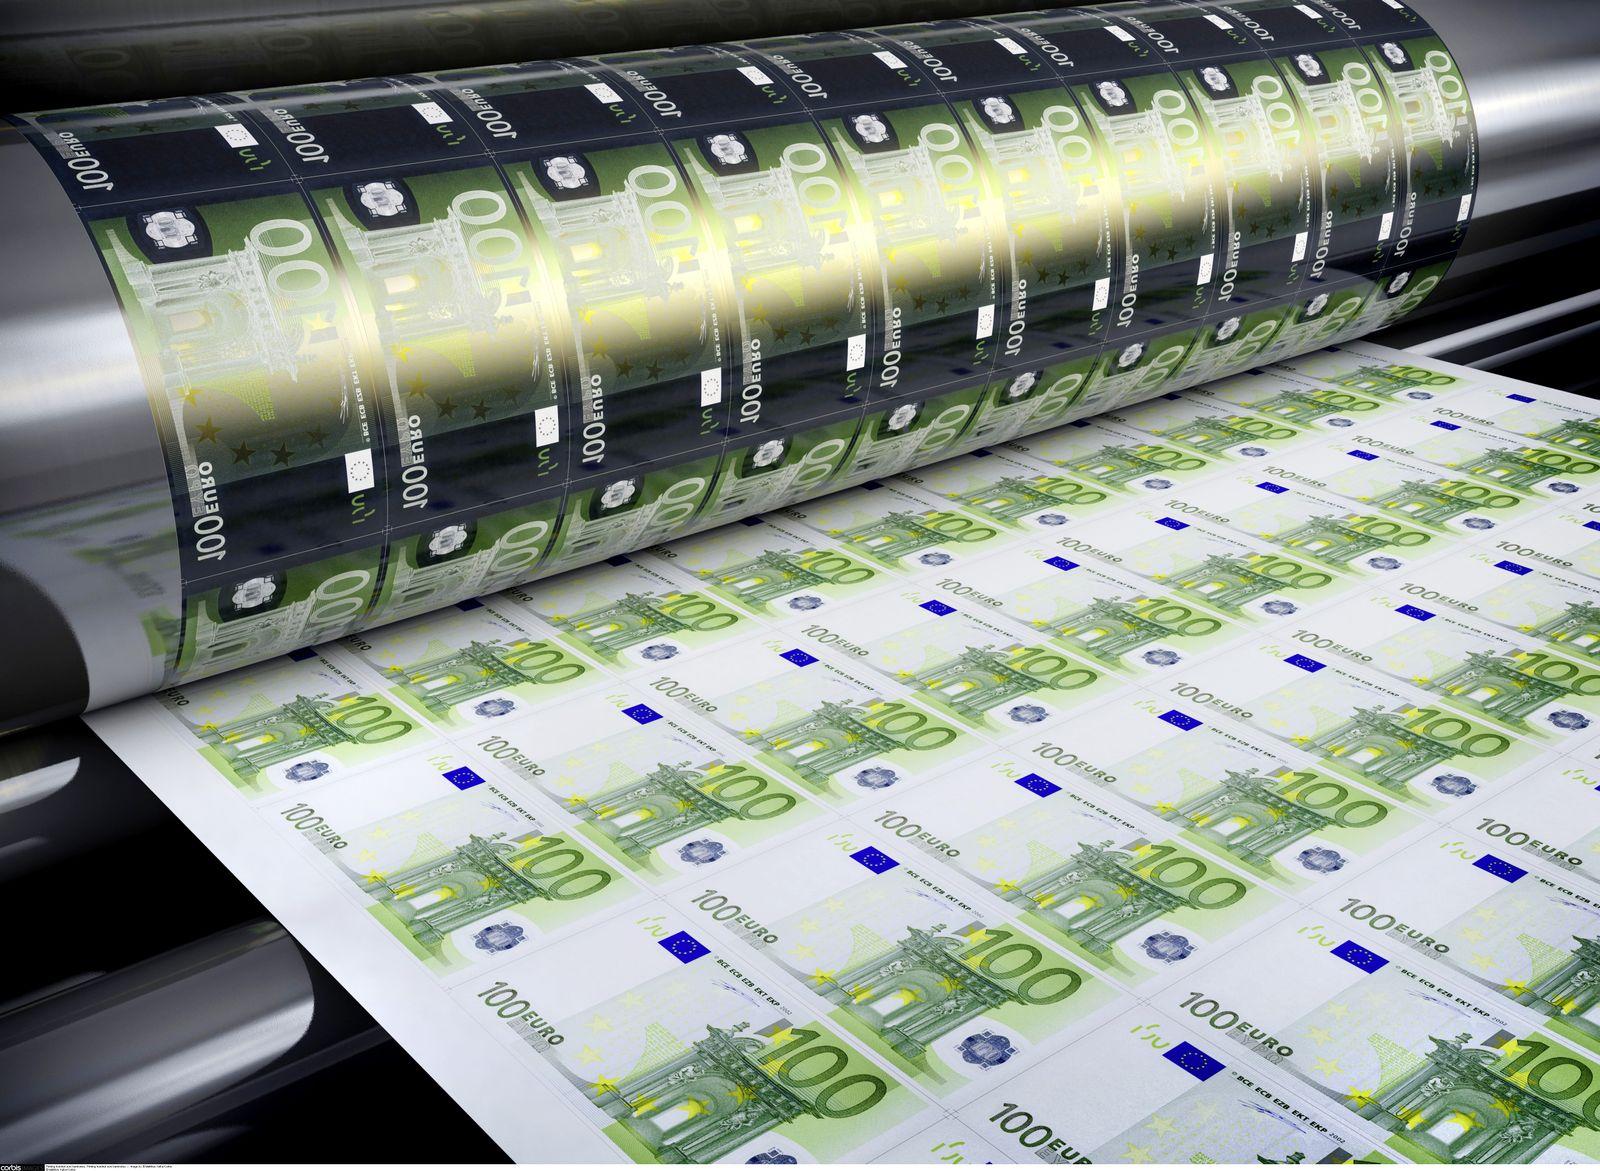 NICHT MEHR VERWENDEN! - Euro / Banknoten / Notenpresse